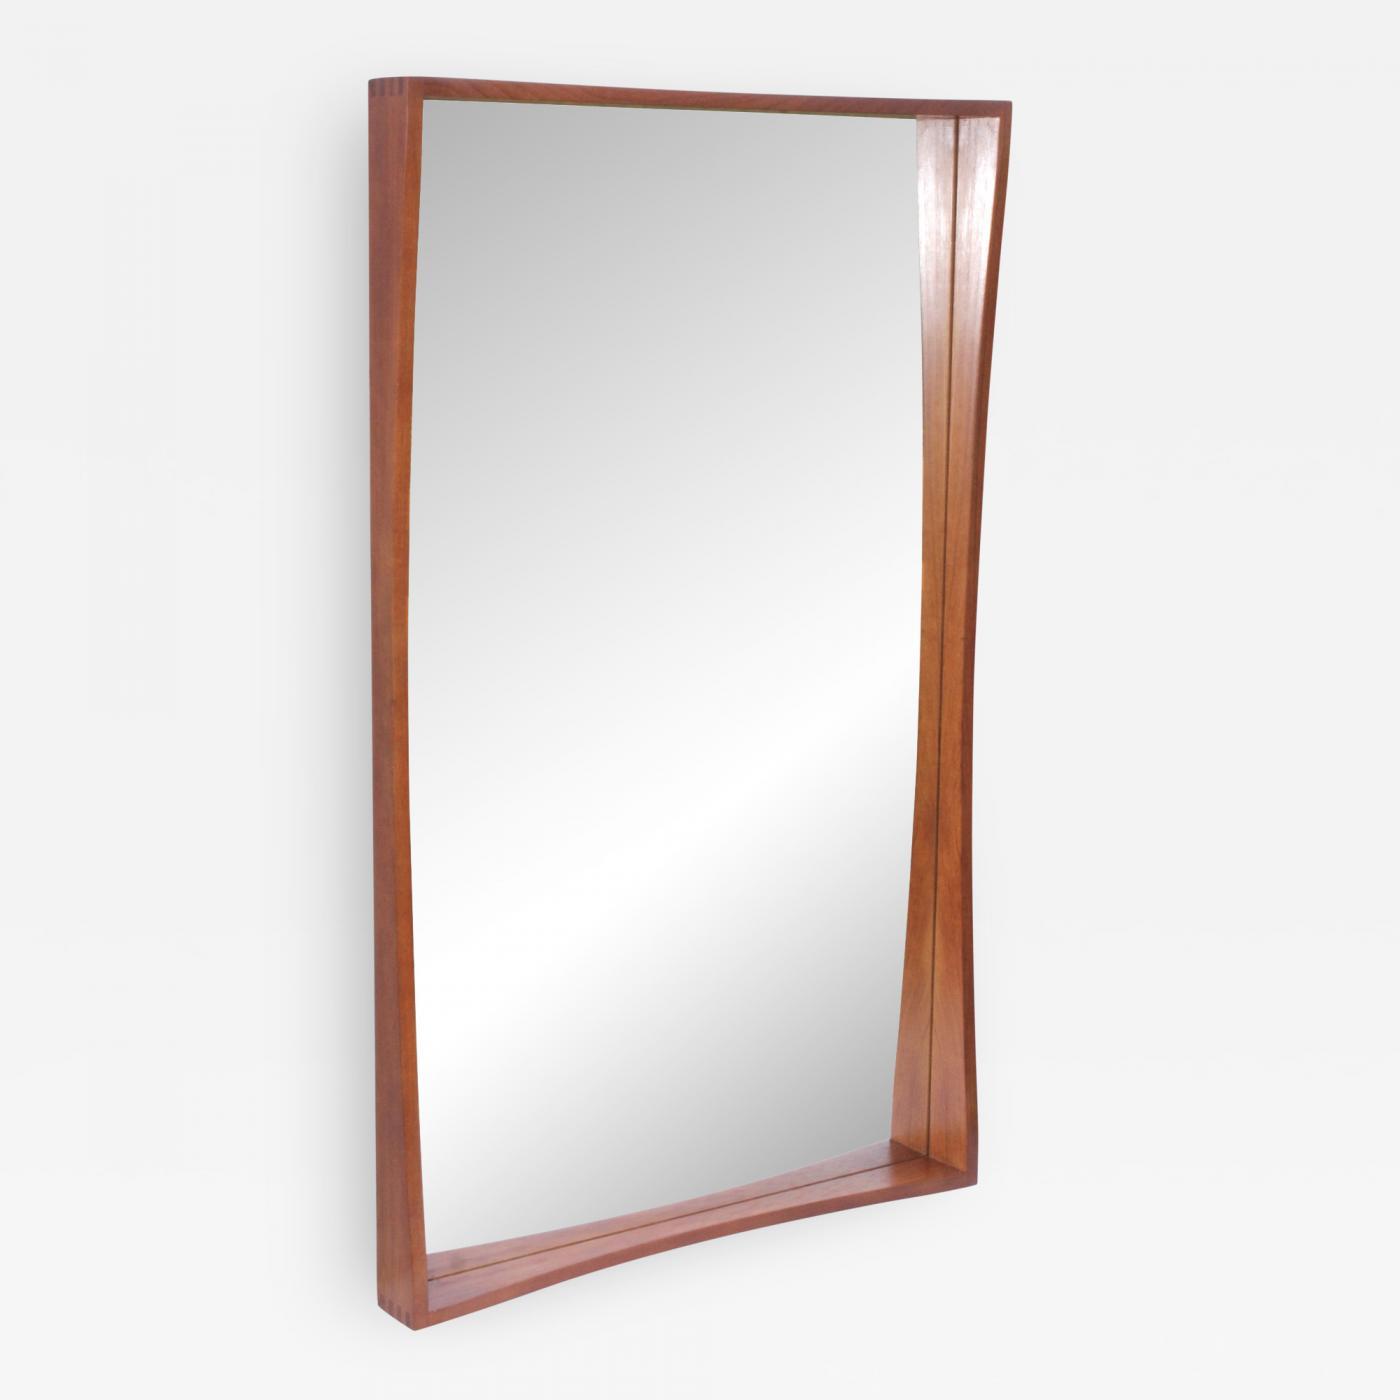 Pedersen Hansen Pedersen Hansen Teak Wall Mirror